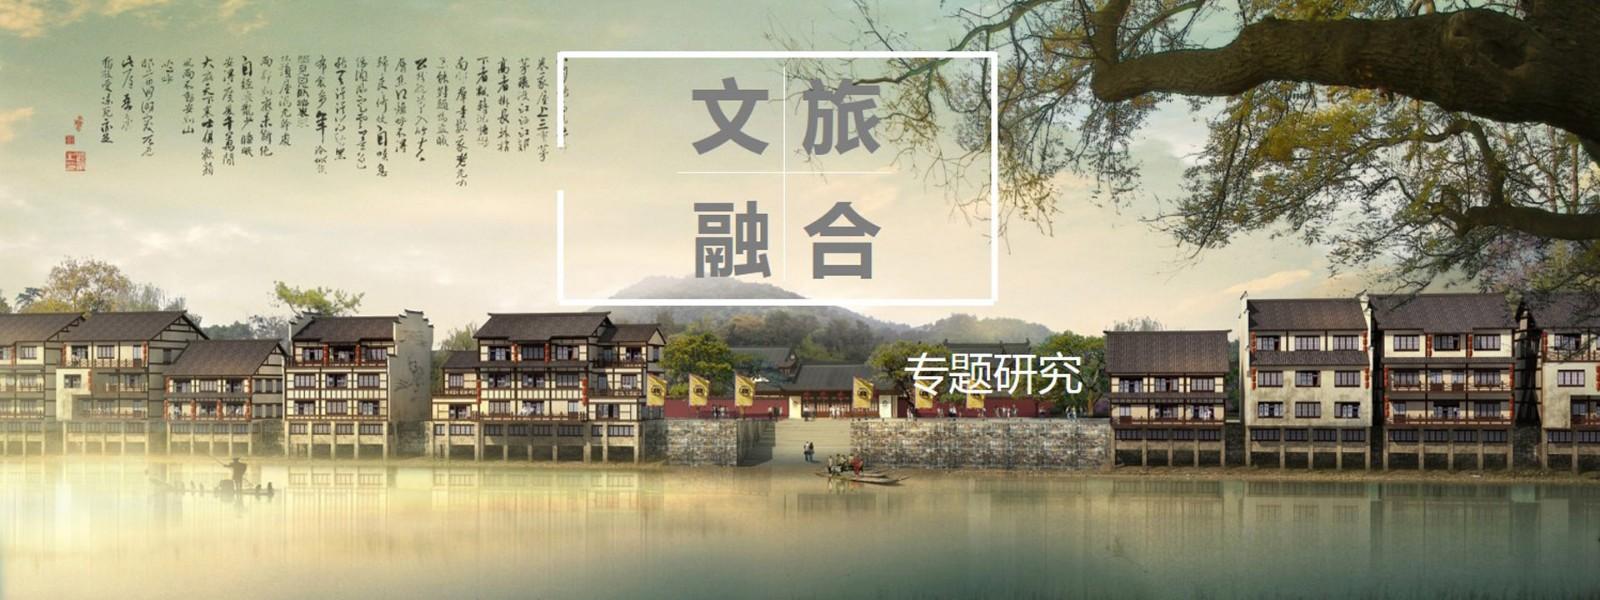 雒树刚:促进文化和旅游融合发展